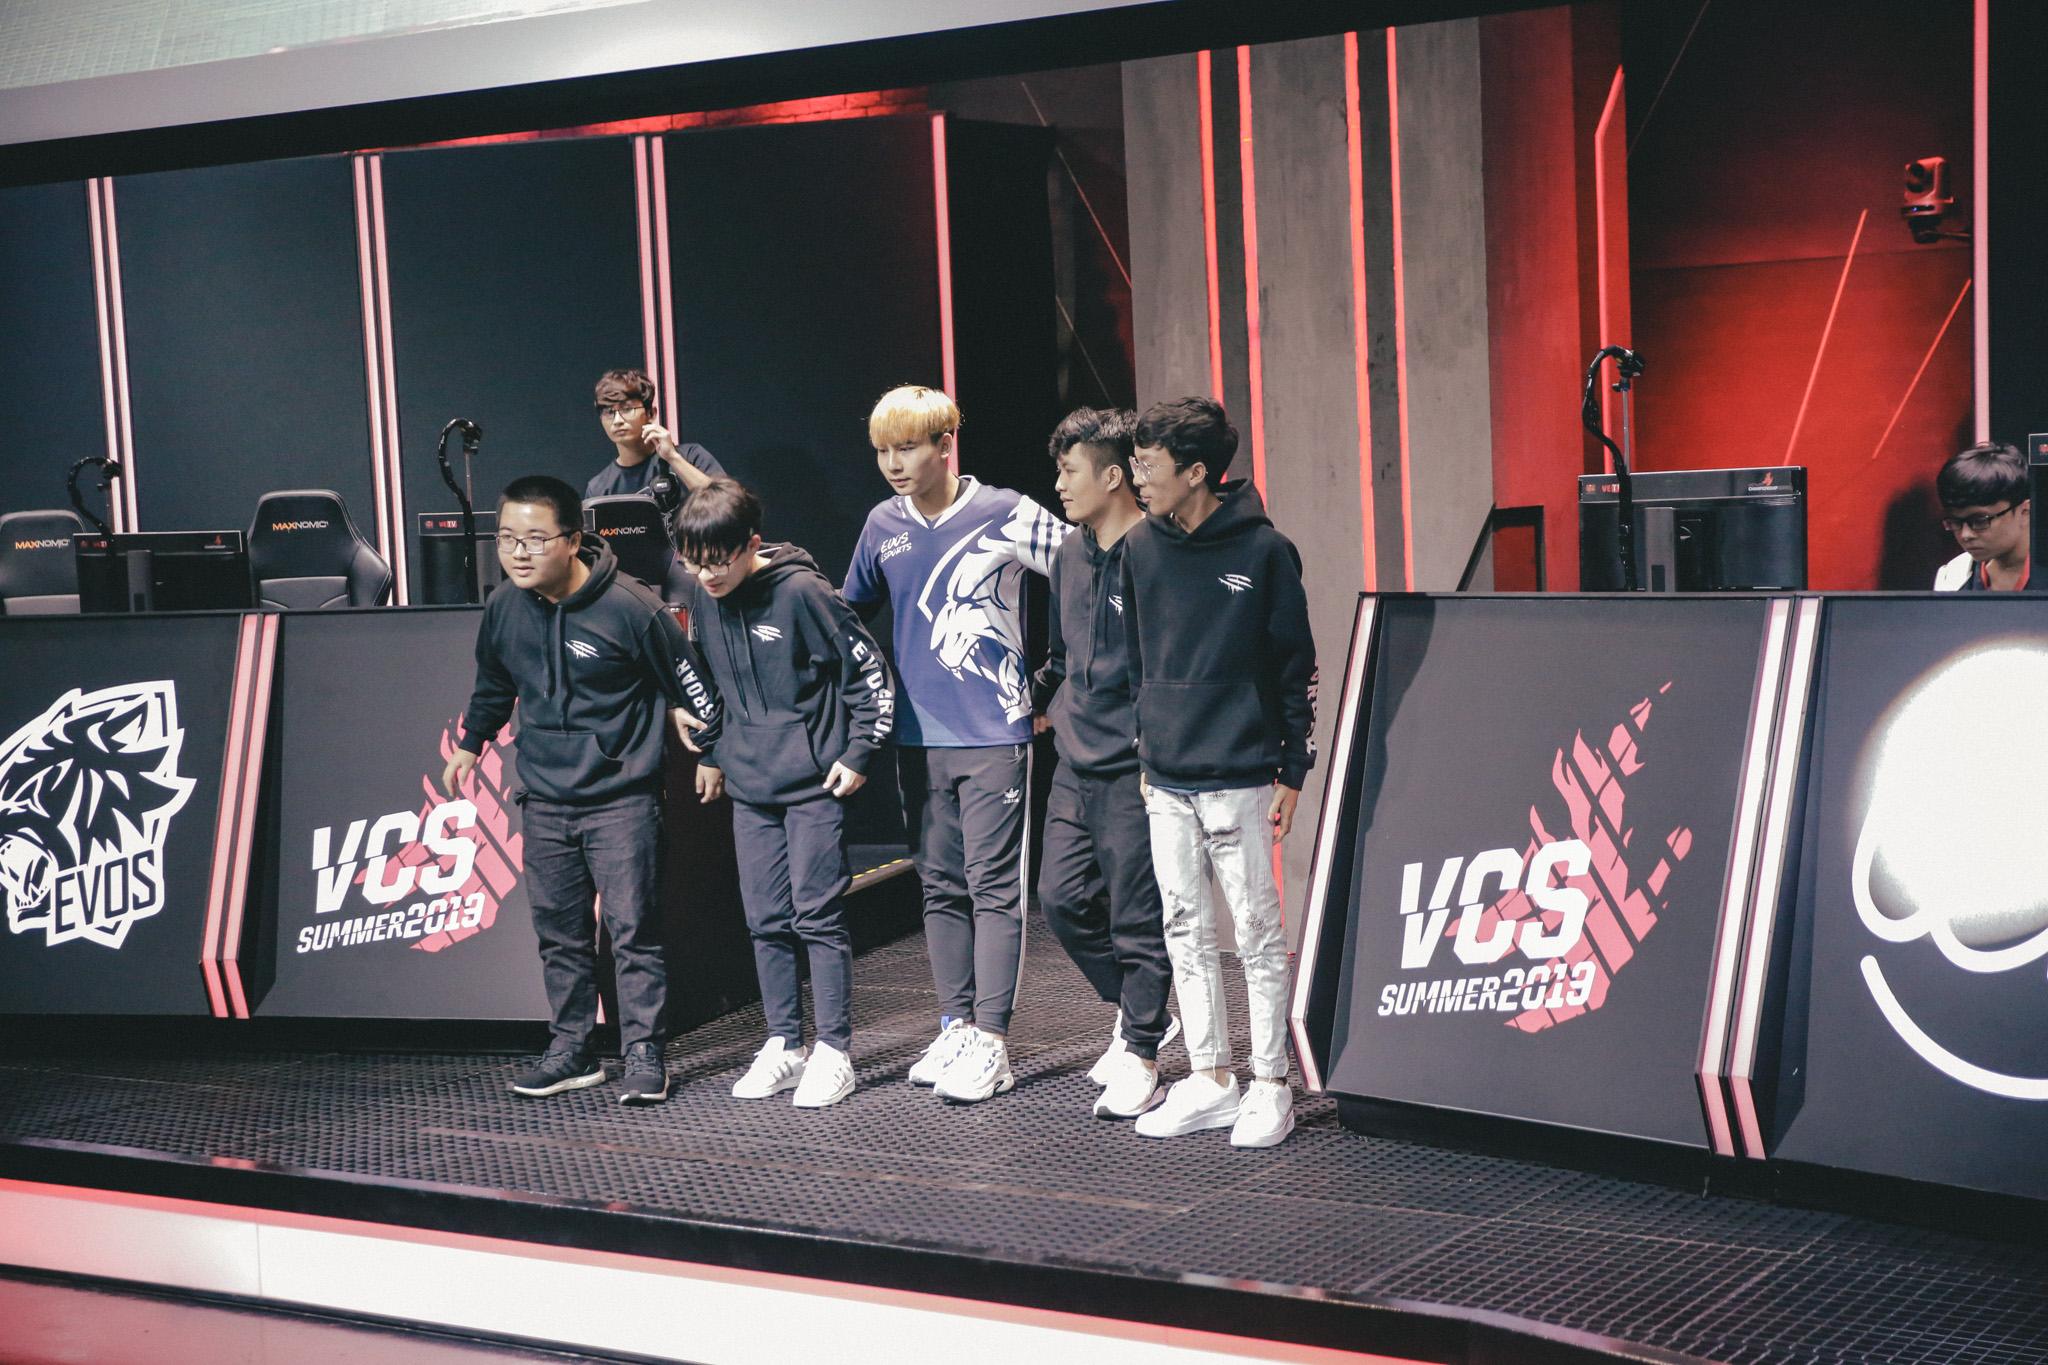 [LMHT - VCS] EVOS chuẩn bị chia tay cái tên đầu tiên sau mùa giải không thành công?